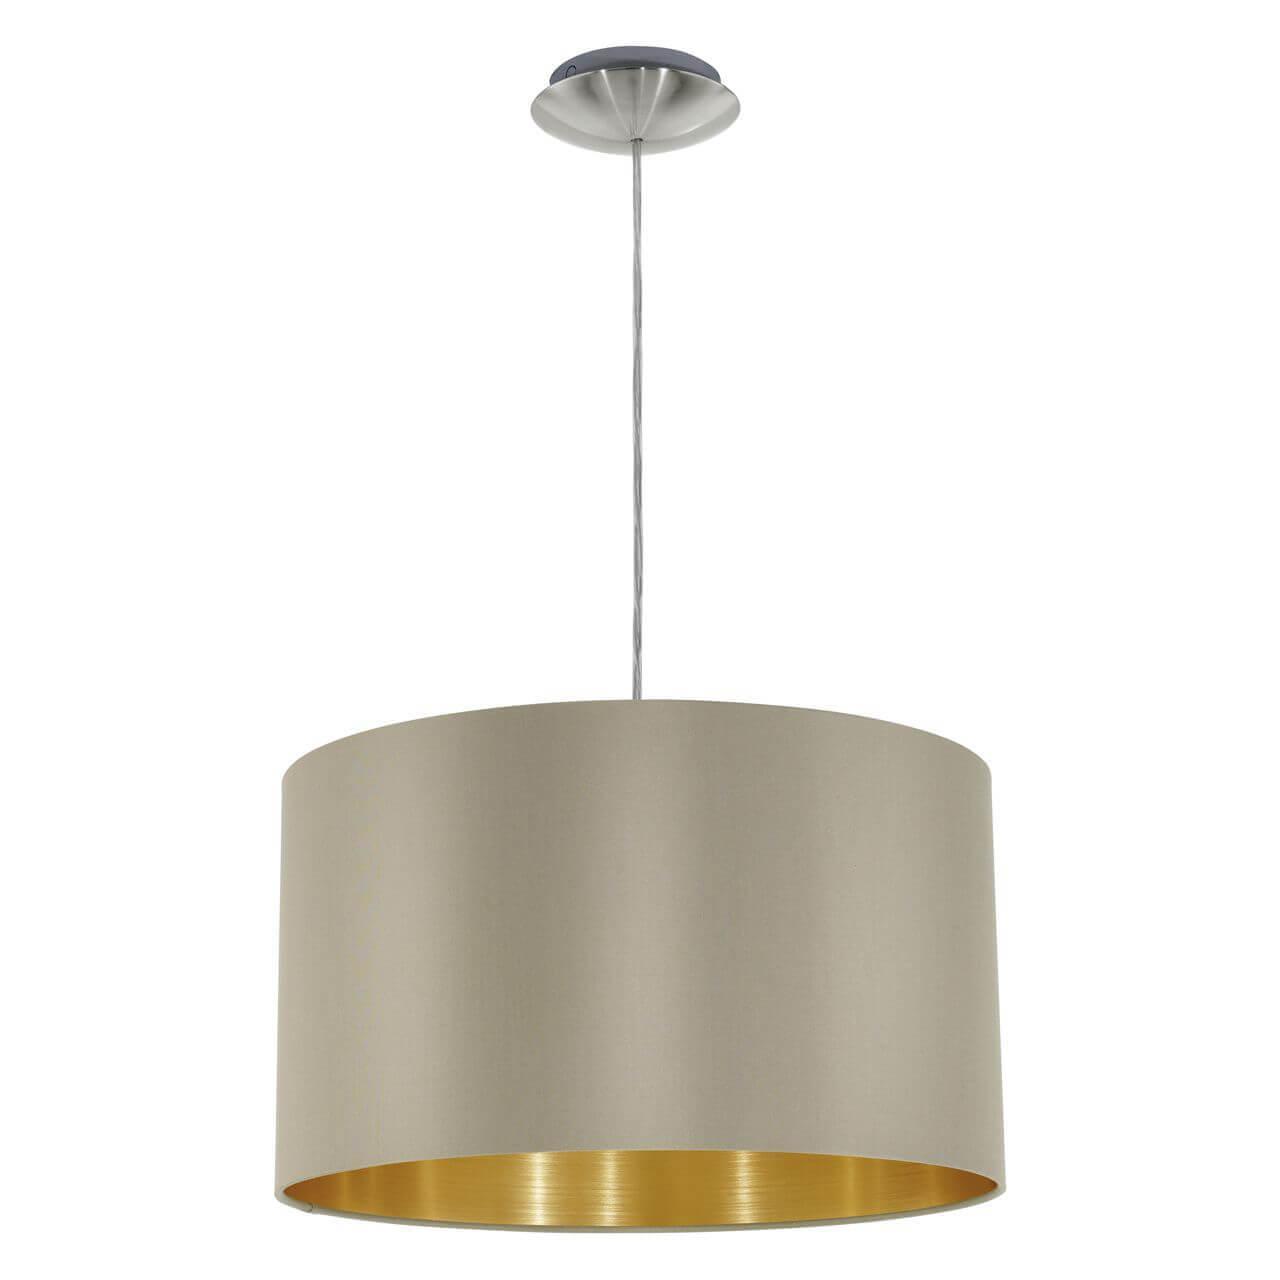 Купить Подвесной светильник Eglo Maserlo А в интернет магазине дизайнерской мебели и аксессуаров для дома и дачи